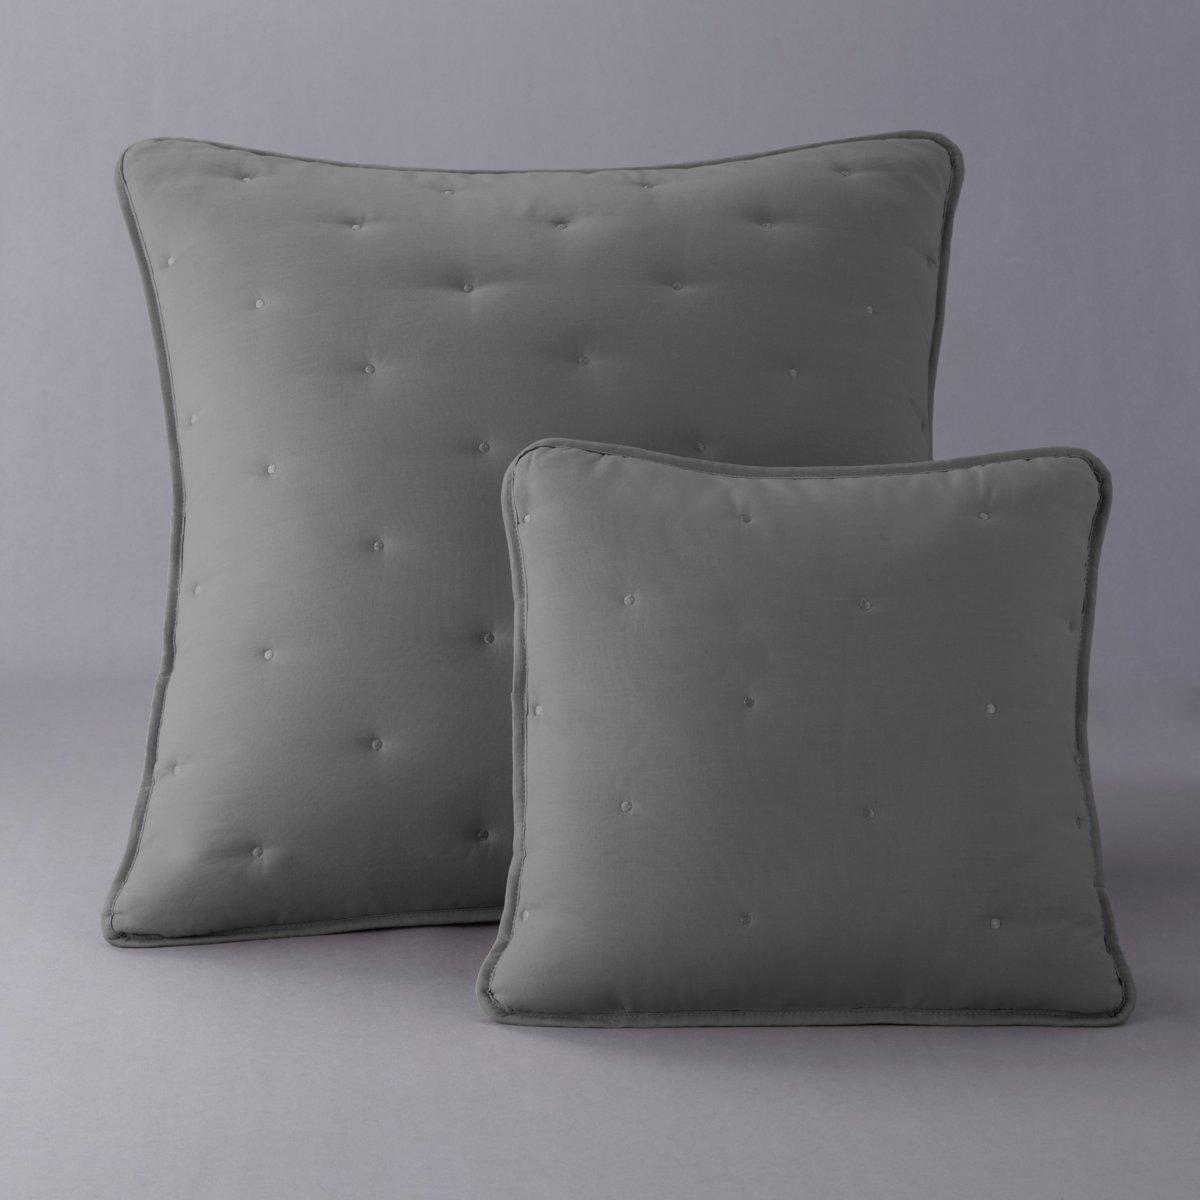 Чехол стеганый для подушкиЧехол для подушки с красивой простежкой. Чехол из 100% хлопка. Наполнитель из полиэстера (200 г/м?). Отделка кантом. Стирка при 40°. С клапаном и завязками.<br><br>Цвет: антрацит/светло-серый<br>Размер: 65 x 65  см